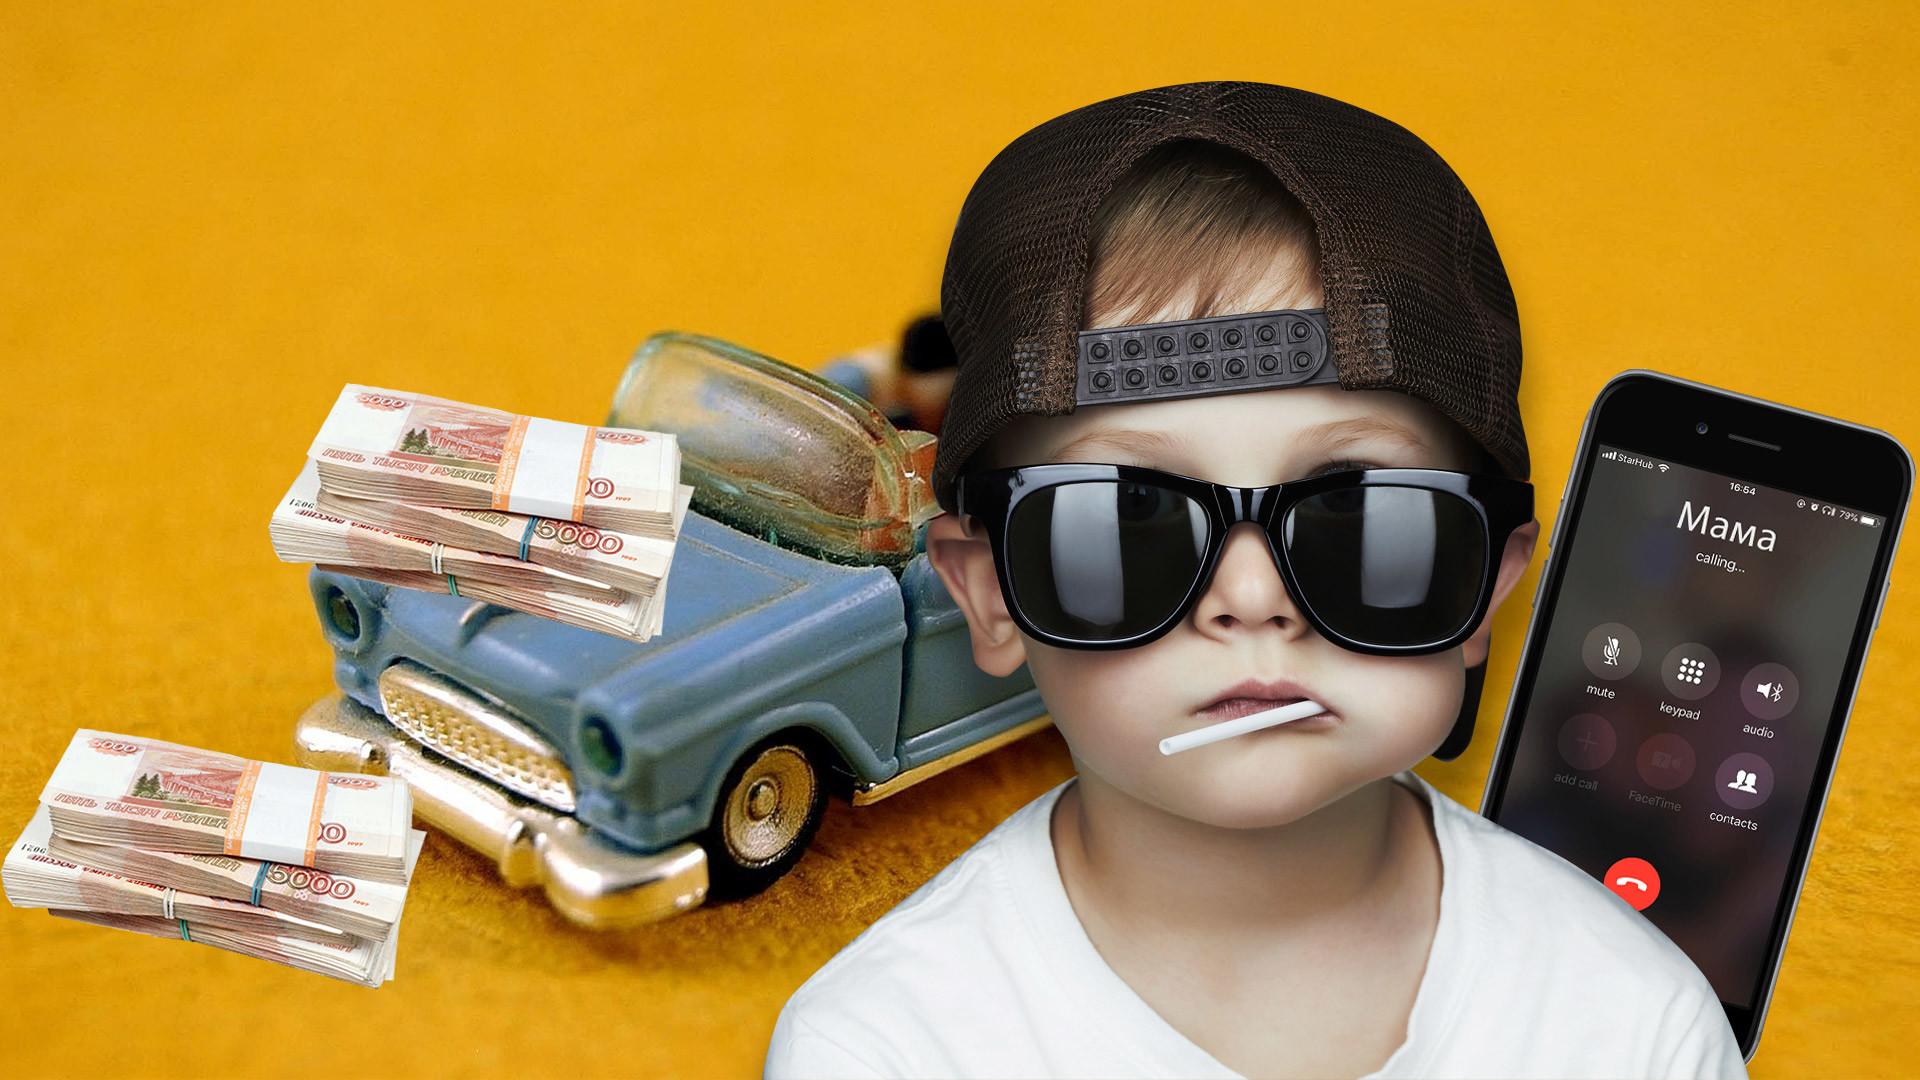 <p>Коллаж &copy; L!FE. Фото:&nbsp;&copy; Shutterstock&nbsp;&copy; Pixabay</p>